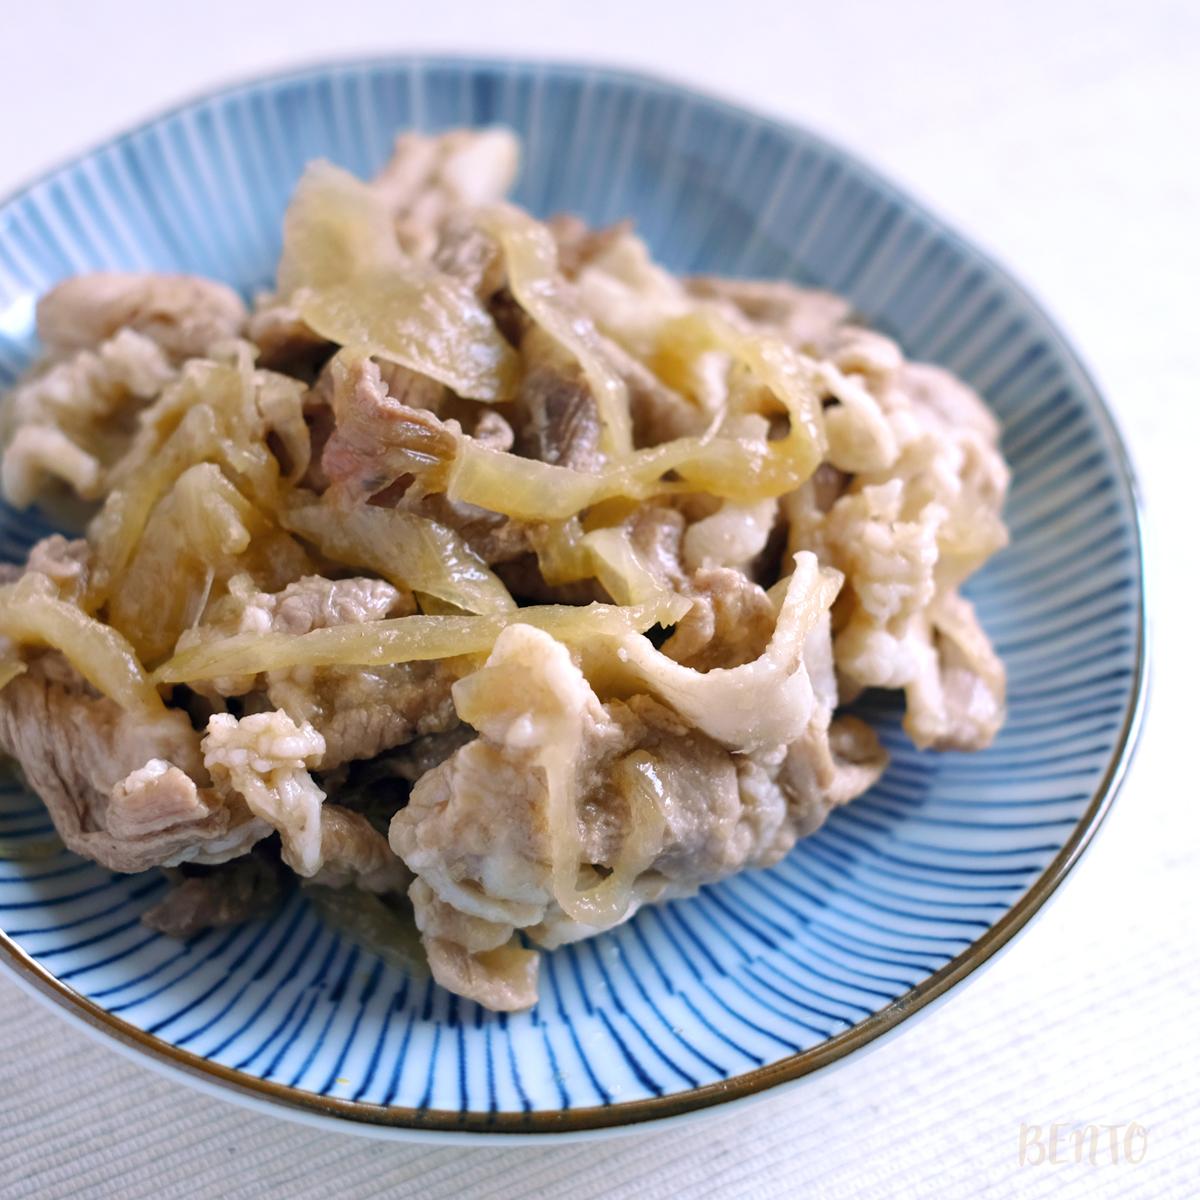 生姜焼きもチューブで簡単!安くて美味しい『豚こま切れ肉の生姜焼き』の作り方。弁当作り置き・常備菜のメインおかず、定番レシピに。